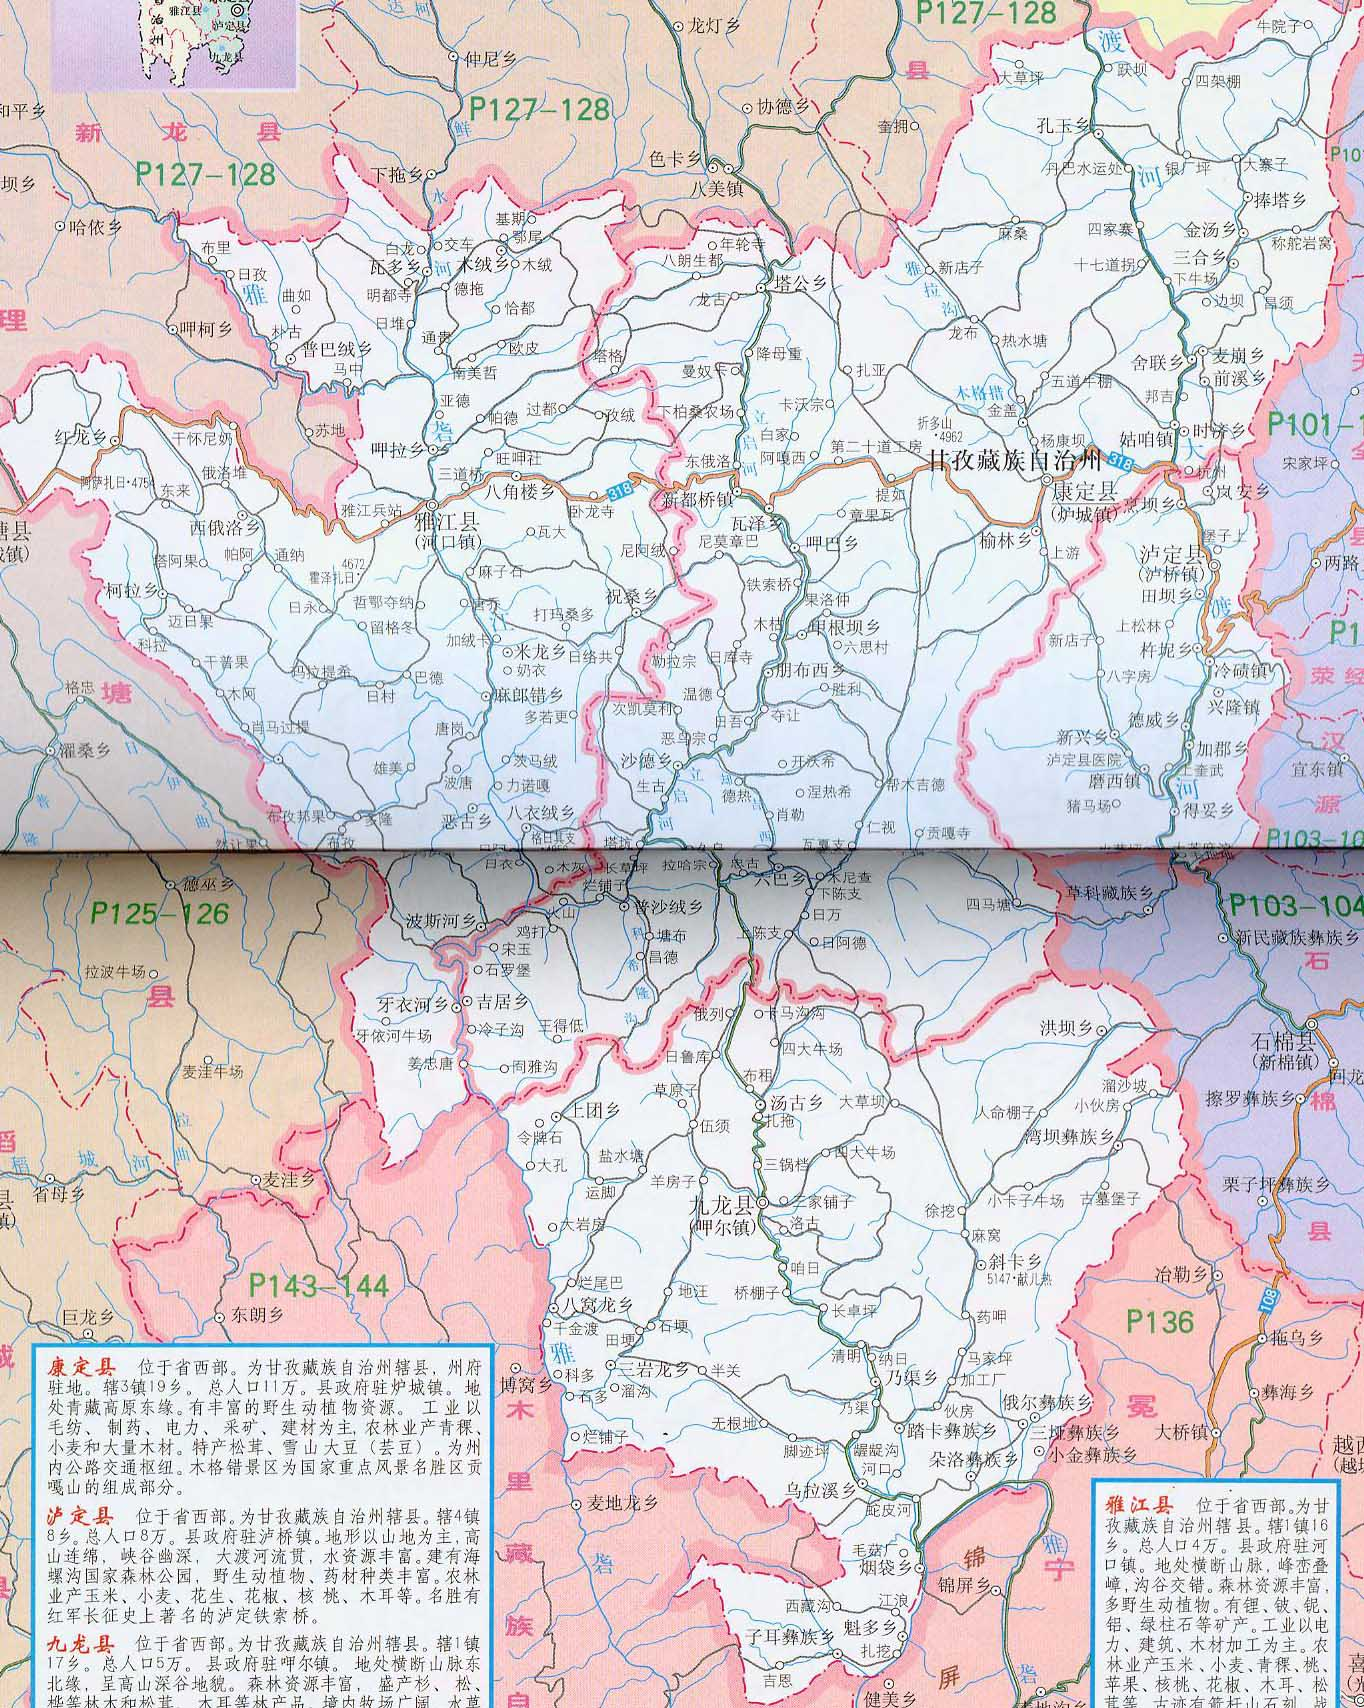 四川甘孜州交通地圖-點擊下載大圖